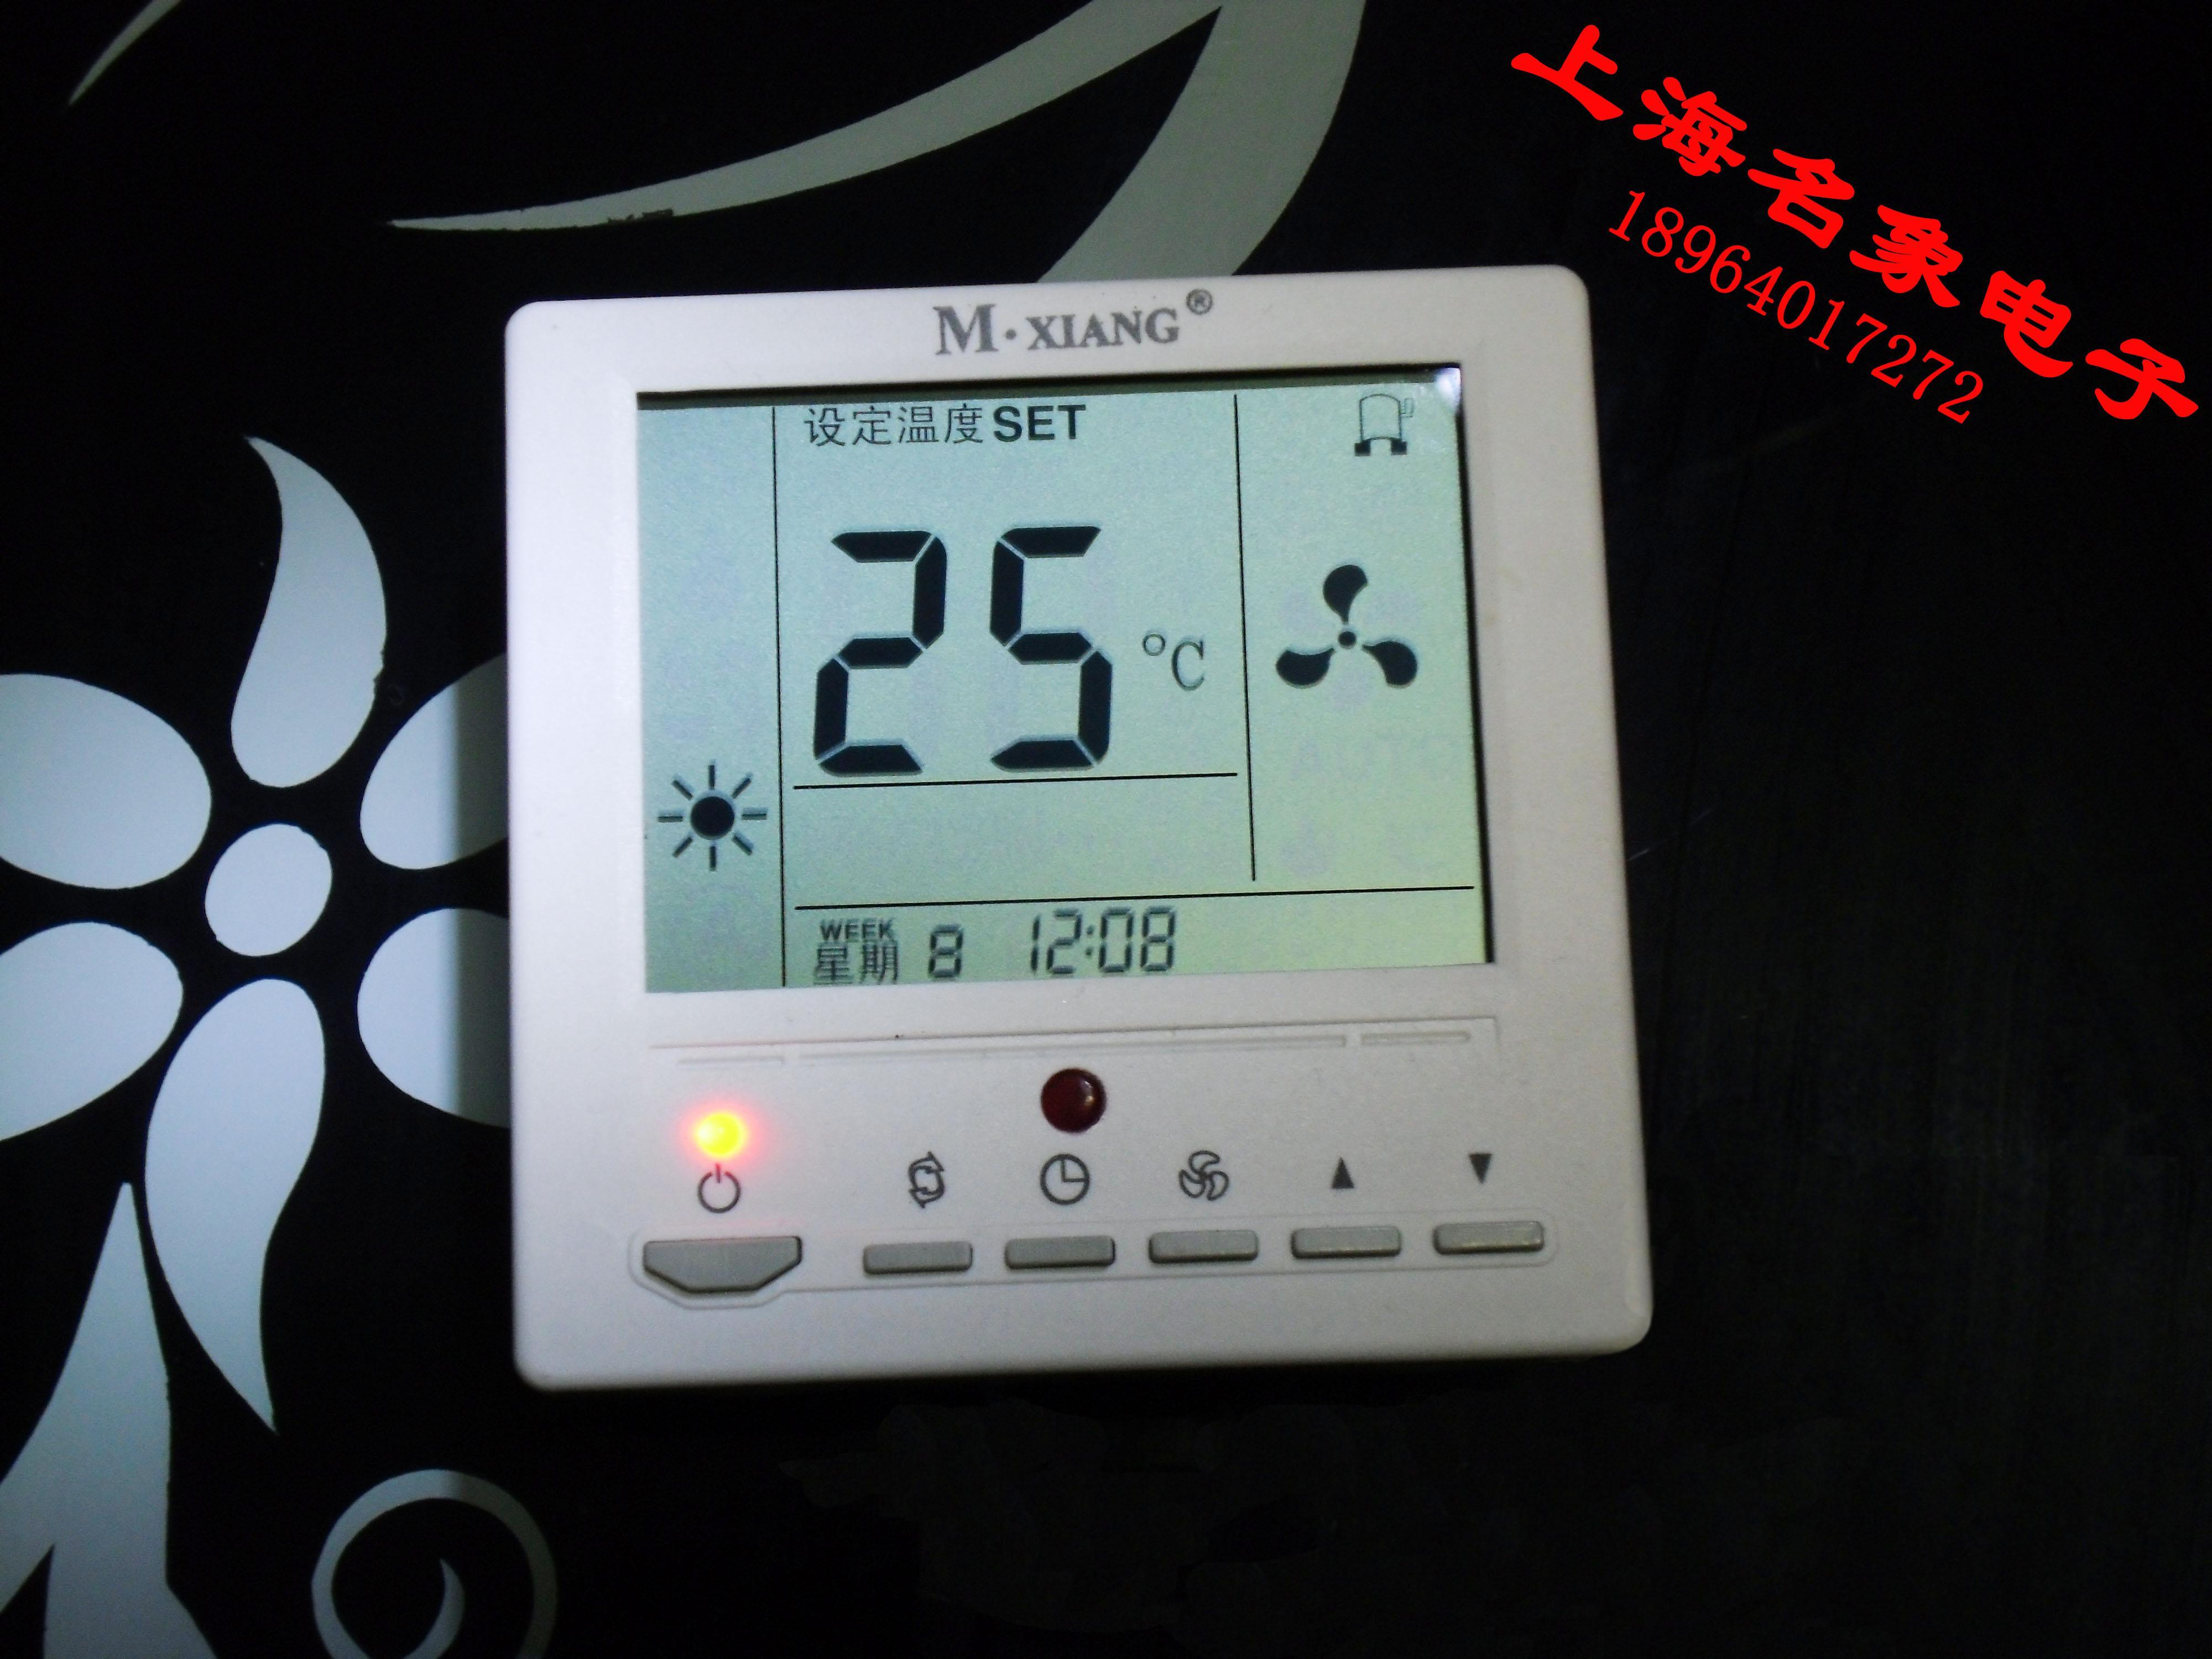 中央空调温控器开关 液晶温控器温控器,电动阀,空调专用设备,暖通专用设备 产品概述:                                         YCK-205A系列液晶温控器由电子逻辑电路对其测量温度与设定温度进行比较,控制中央空调末端的风机、水 等,应用于写字楼、商场、工业、医疗、别墅等民用建筑,使所控环境温度恒定为设定温度范围内,以达到提 高舒适环境的目的 产品特点:                                        超簿型设计,家电化操作界面